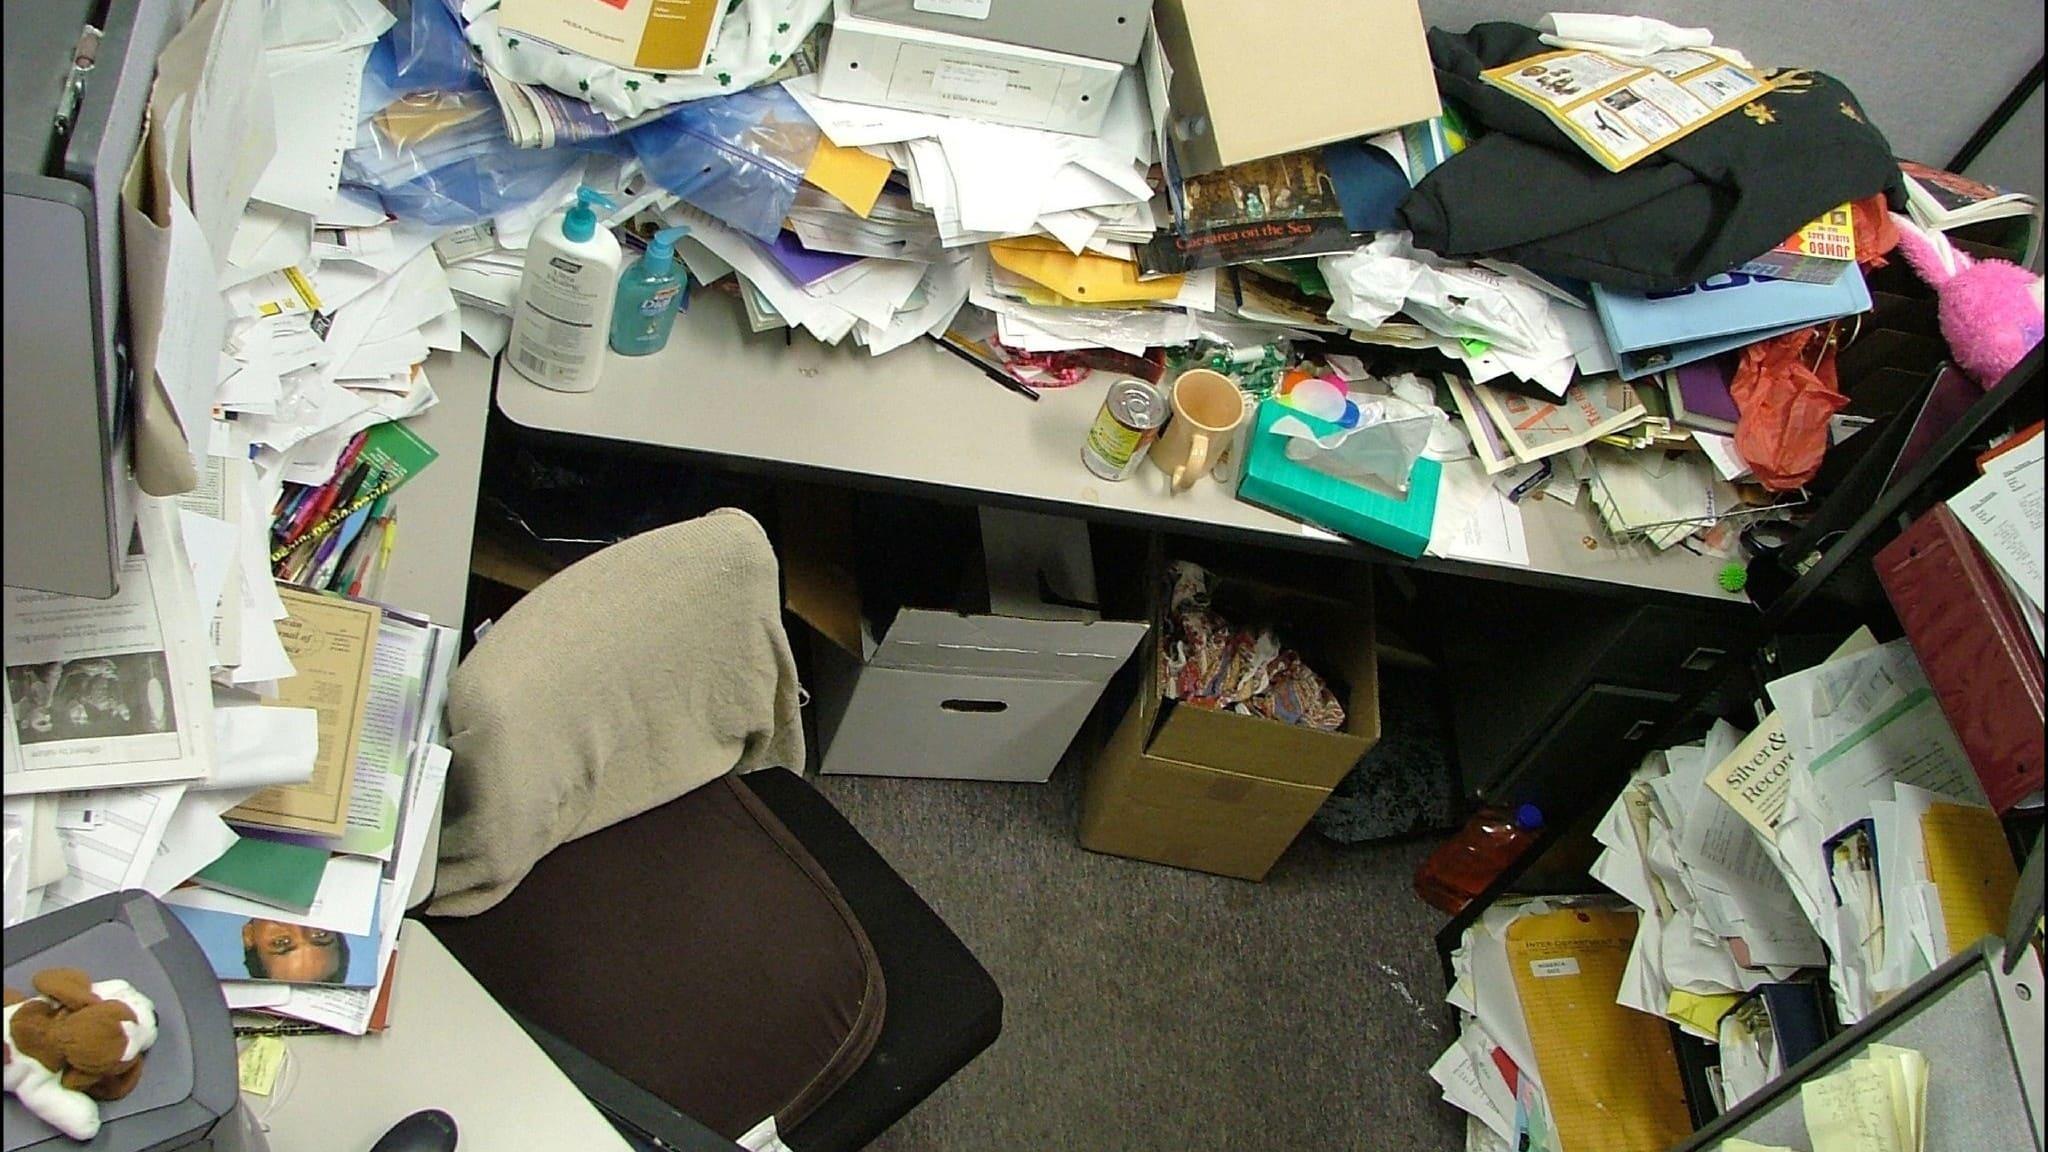 Скука и грязь на рабочем месте вредны для мозга